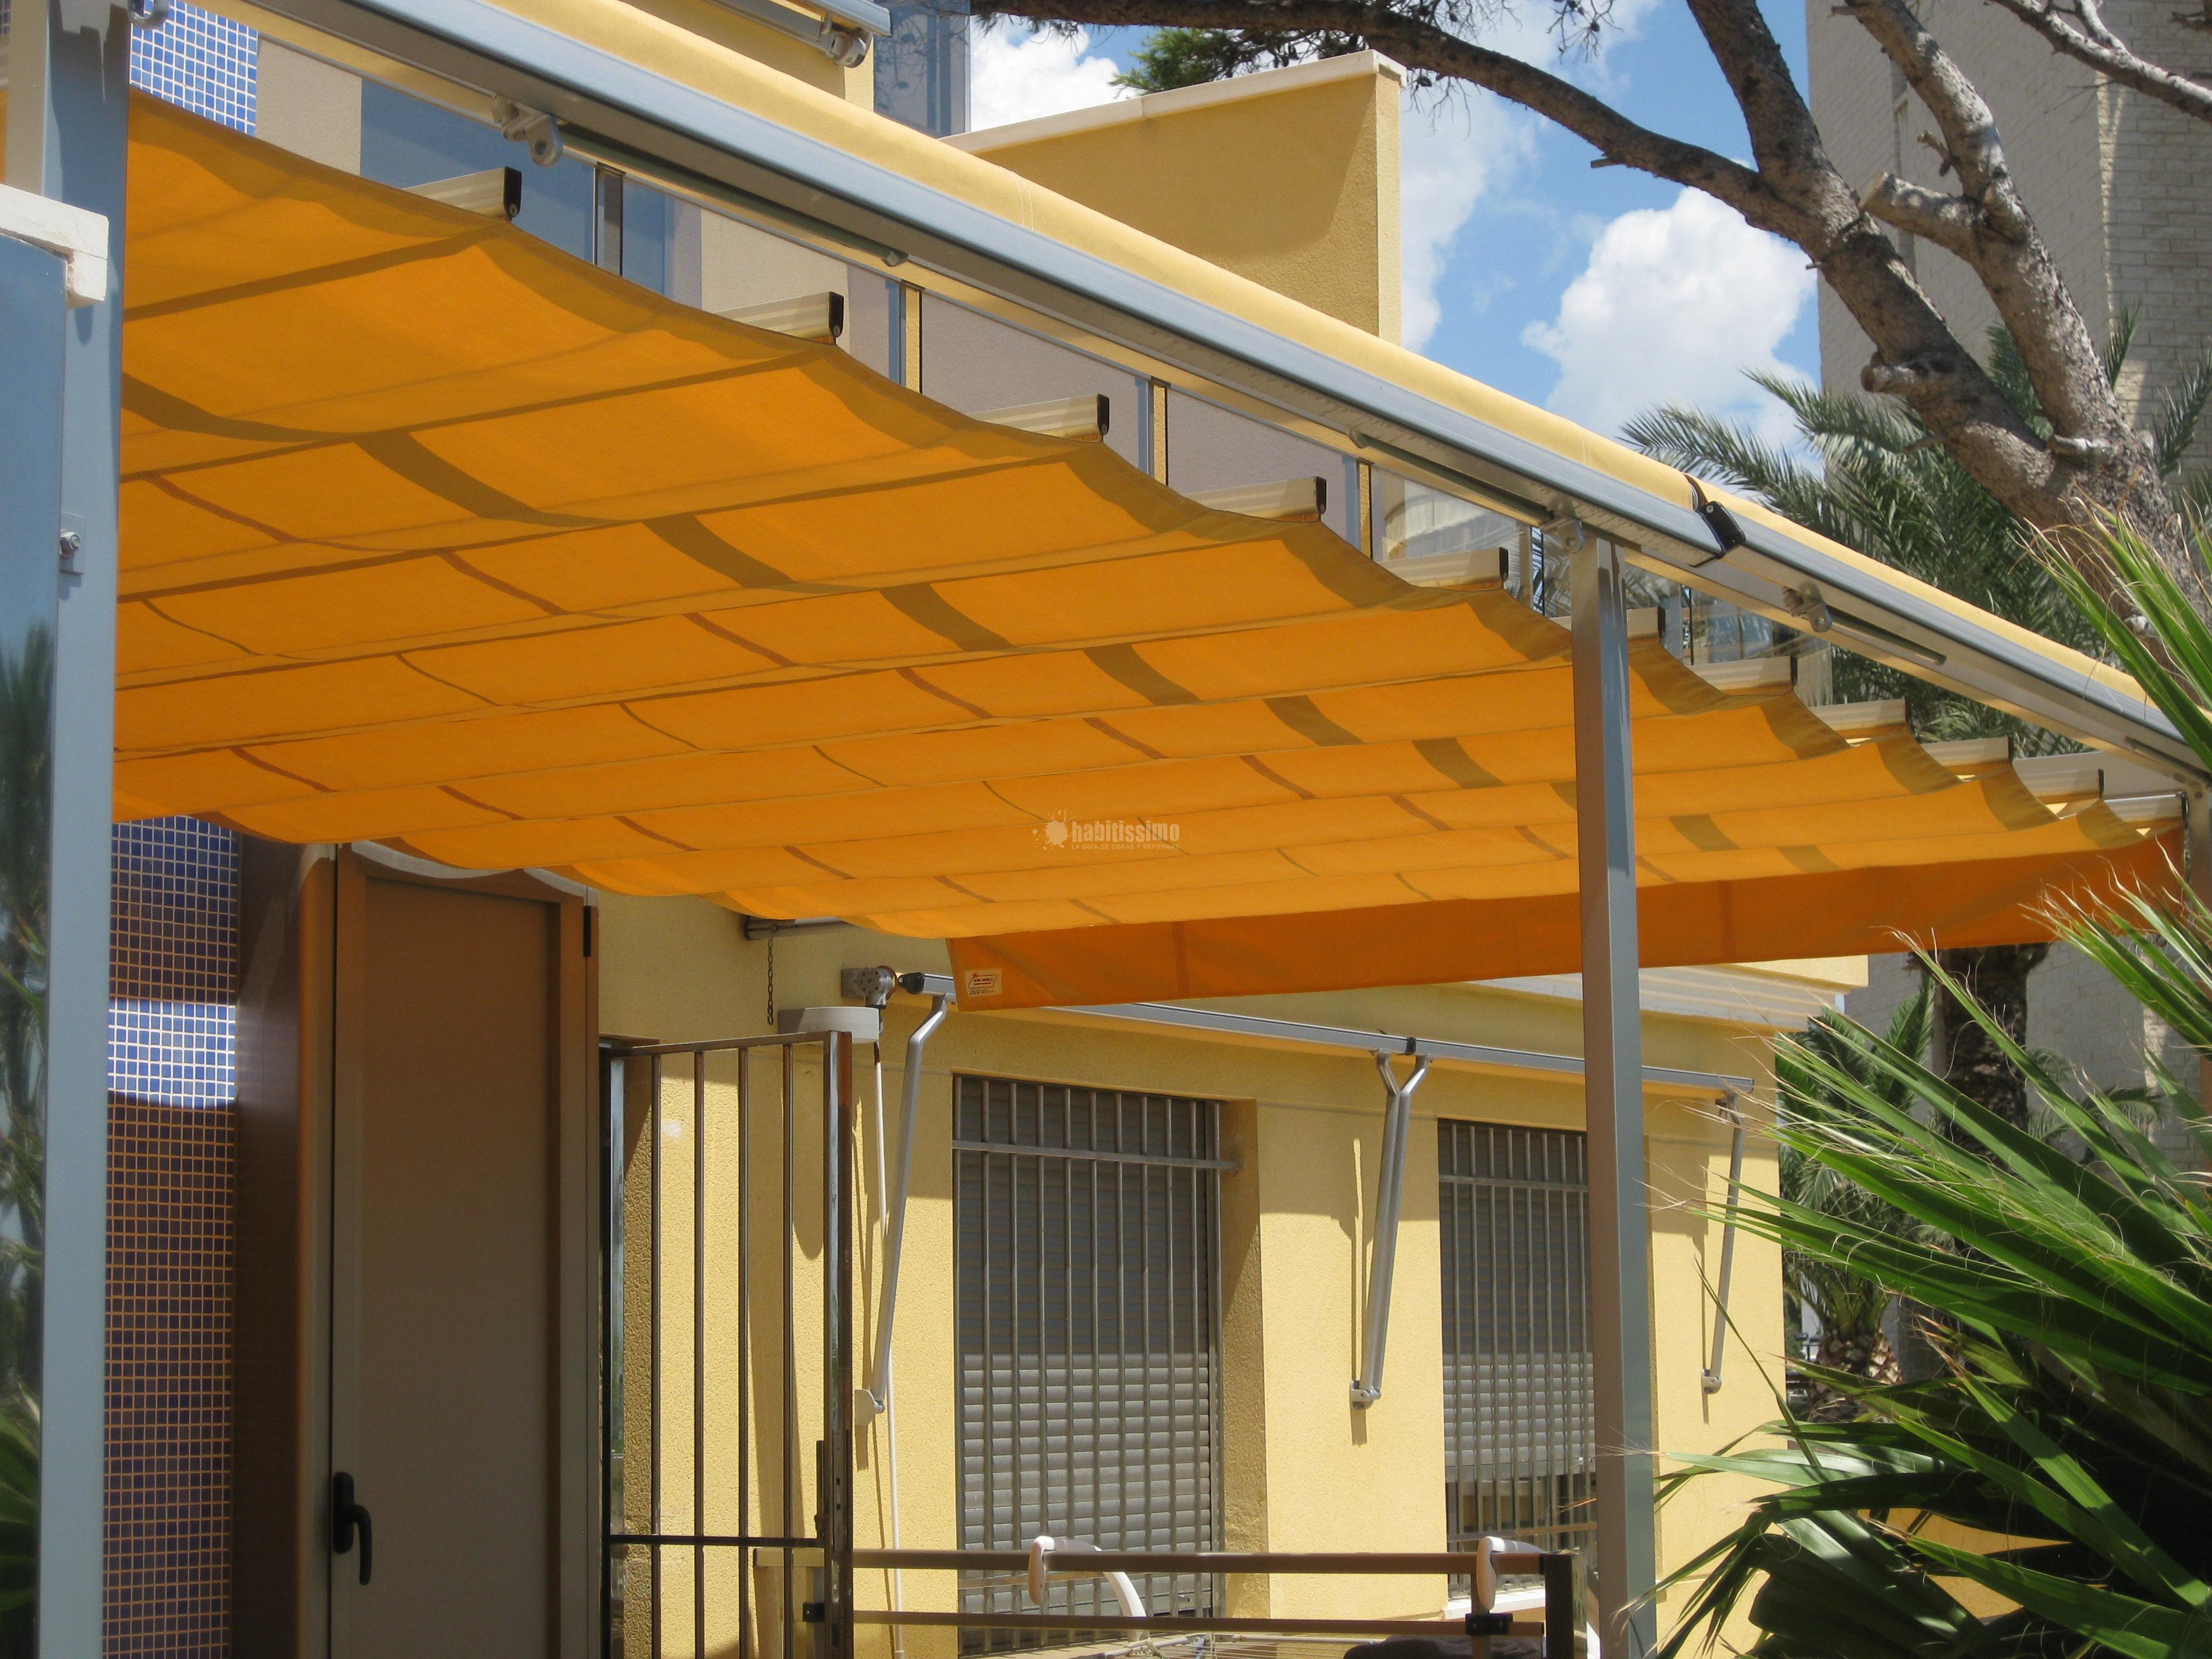 Precios de toldos de terraza dise os arquitect nicos for Toldos transparentes precios